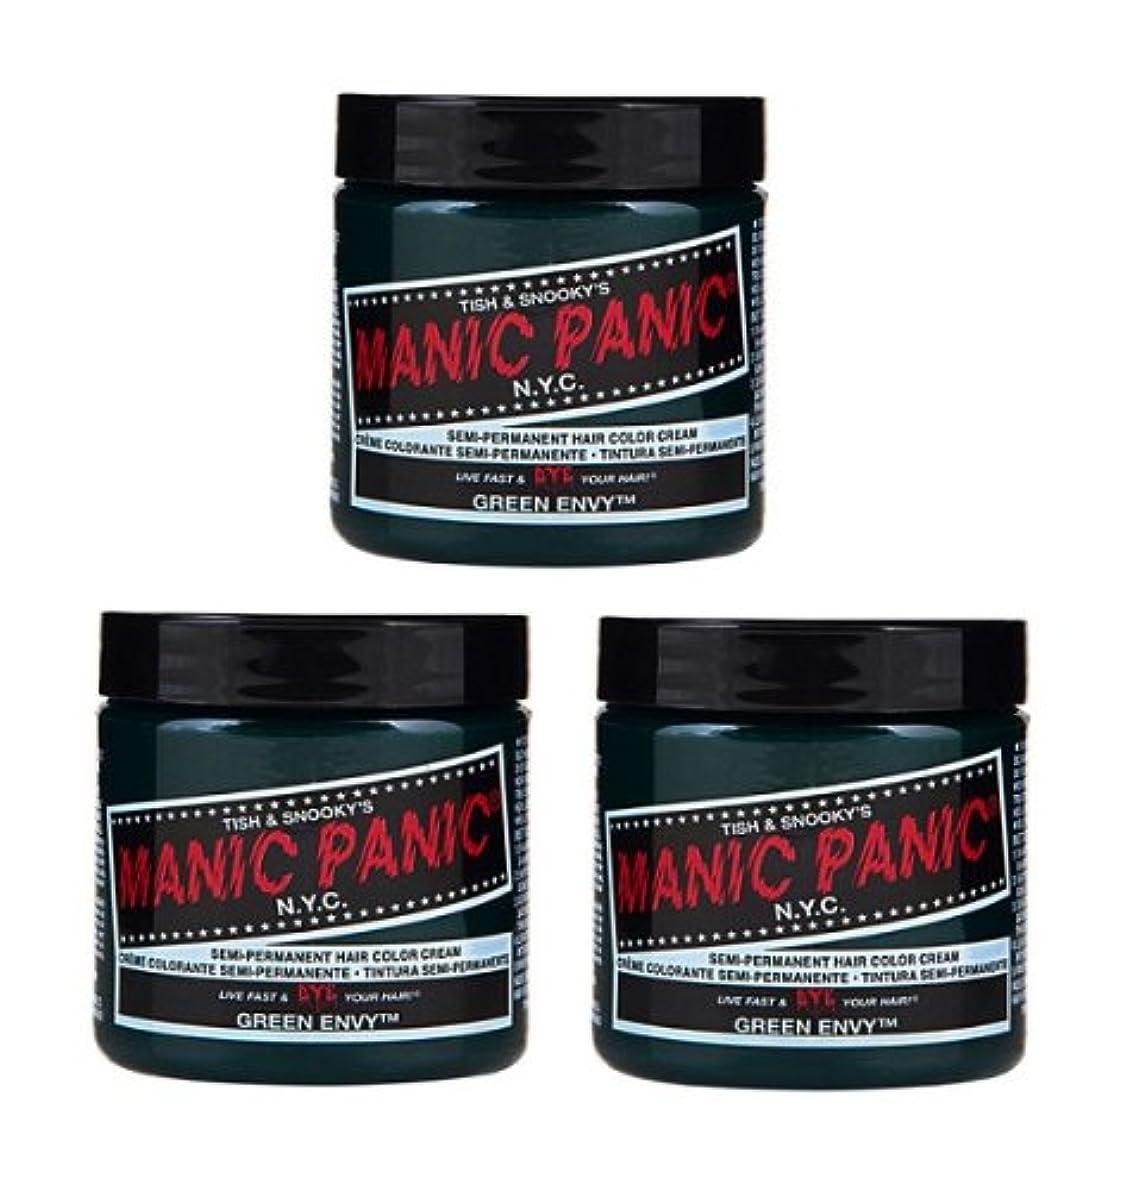 犠牲欠乏ハチ【3個セット】MANIC PANIC マニックパニック Green Envy グリーンエンヴィ 118ml